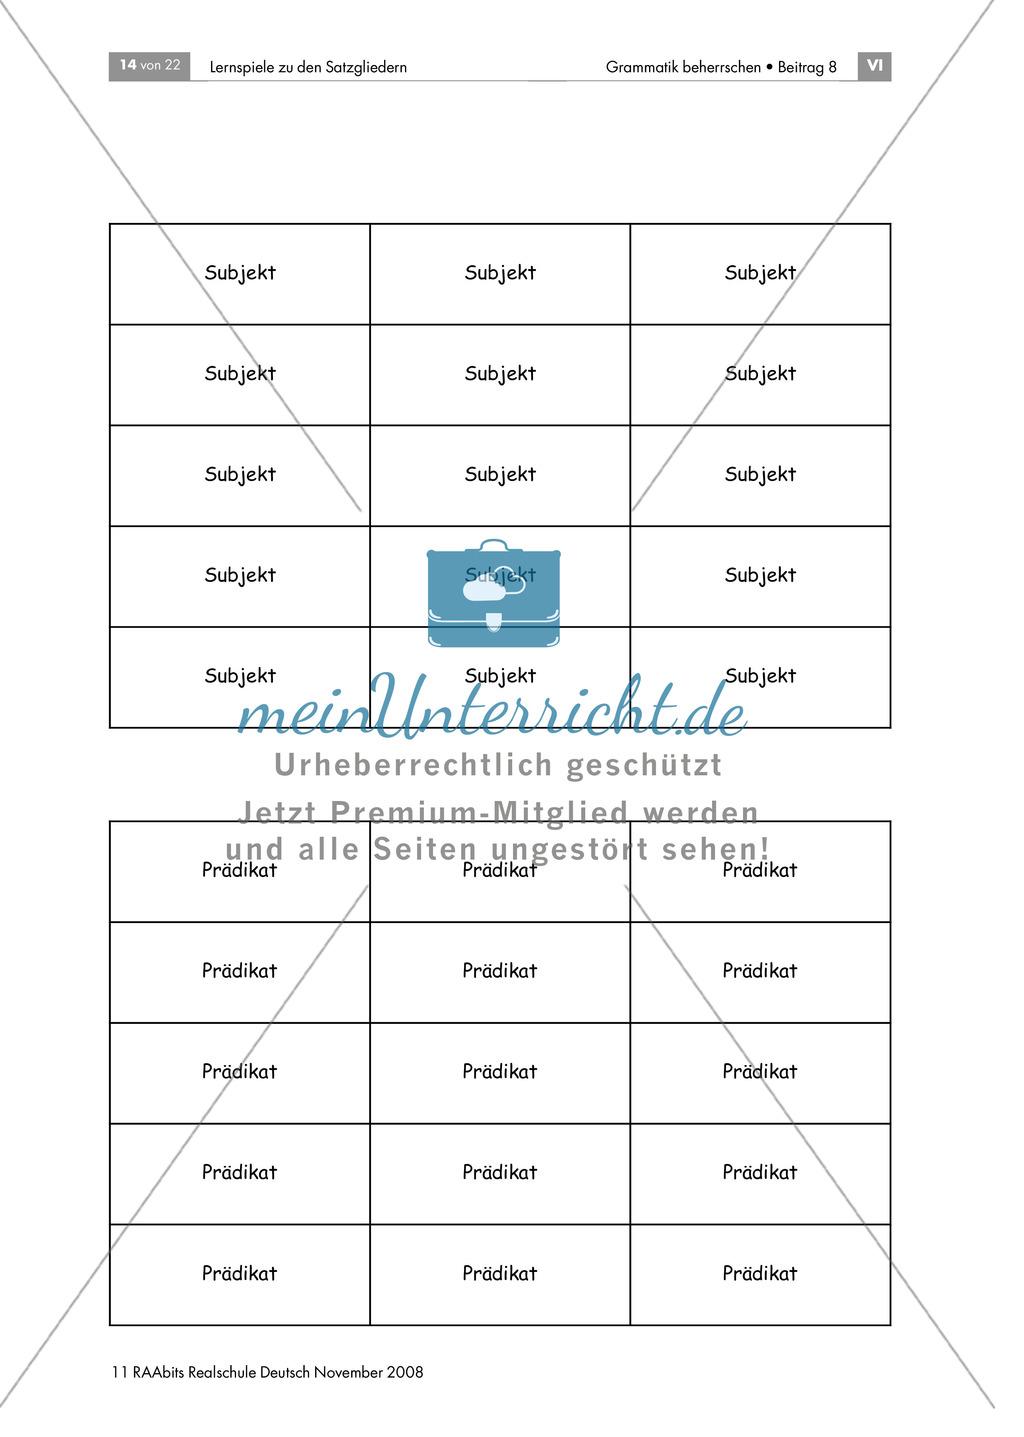 Lernspiele zu den Satzgliedern: Subjekt, Prädikat, Dativobjekt und Akkusativobjekt erkennen und unterscheiden Preview 3